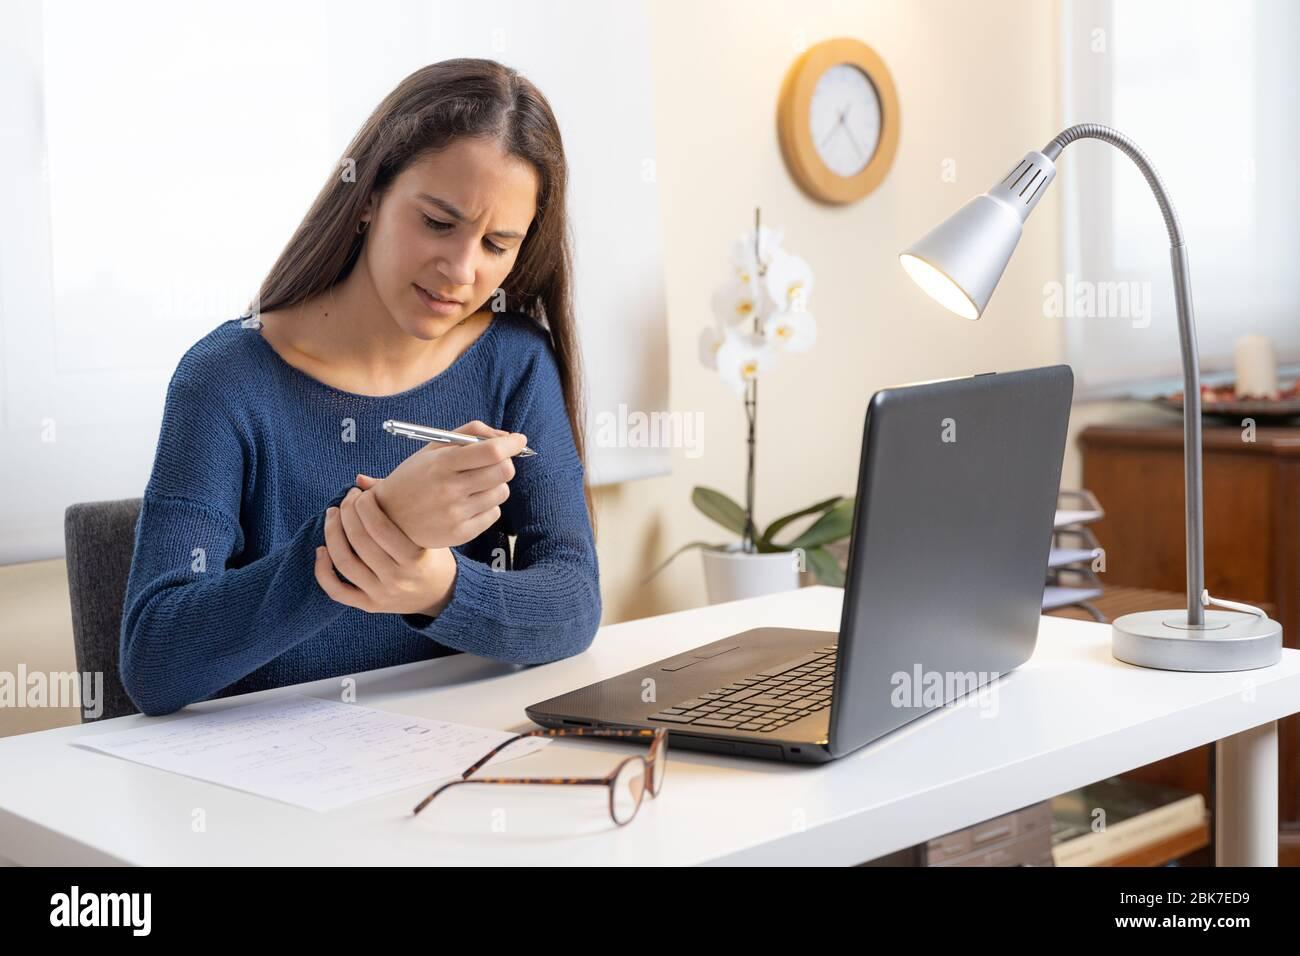 Niña adolescente con computadora en casa quejándose de dolor en la muñeca Foto de stock